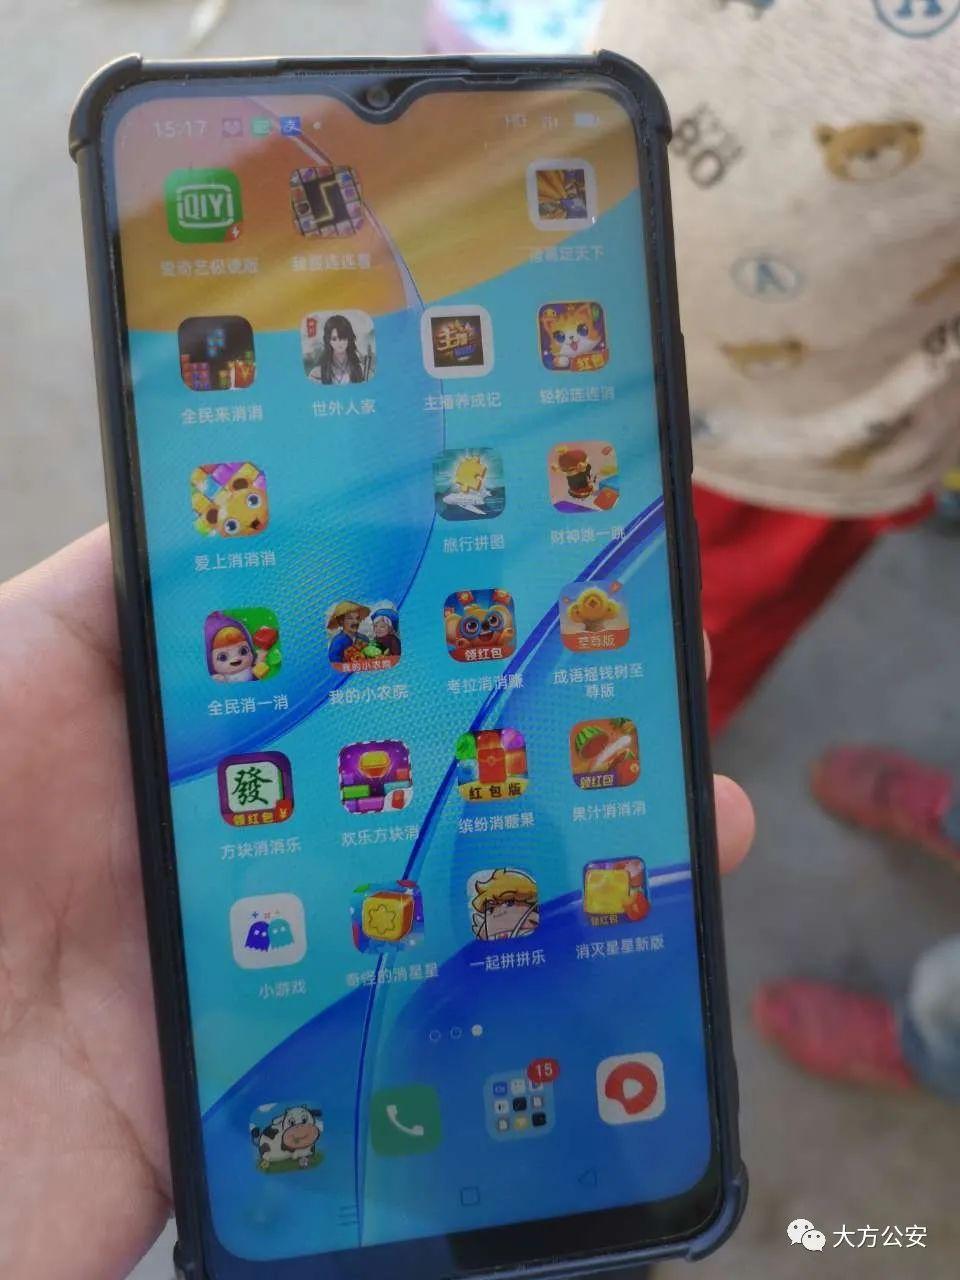 下载了39款游戏,贵州公安马上注意到这款手机!上门劝阻……